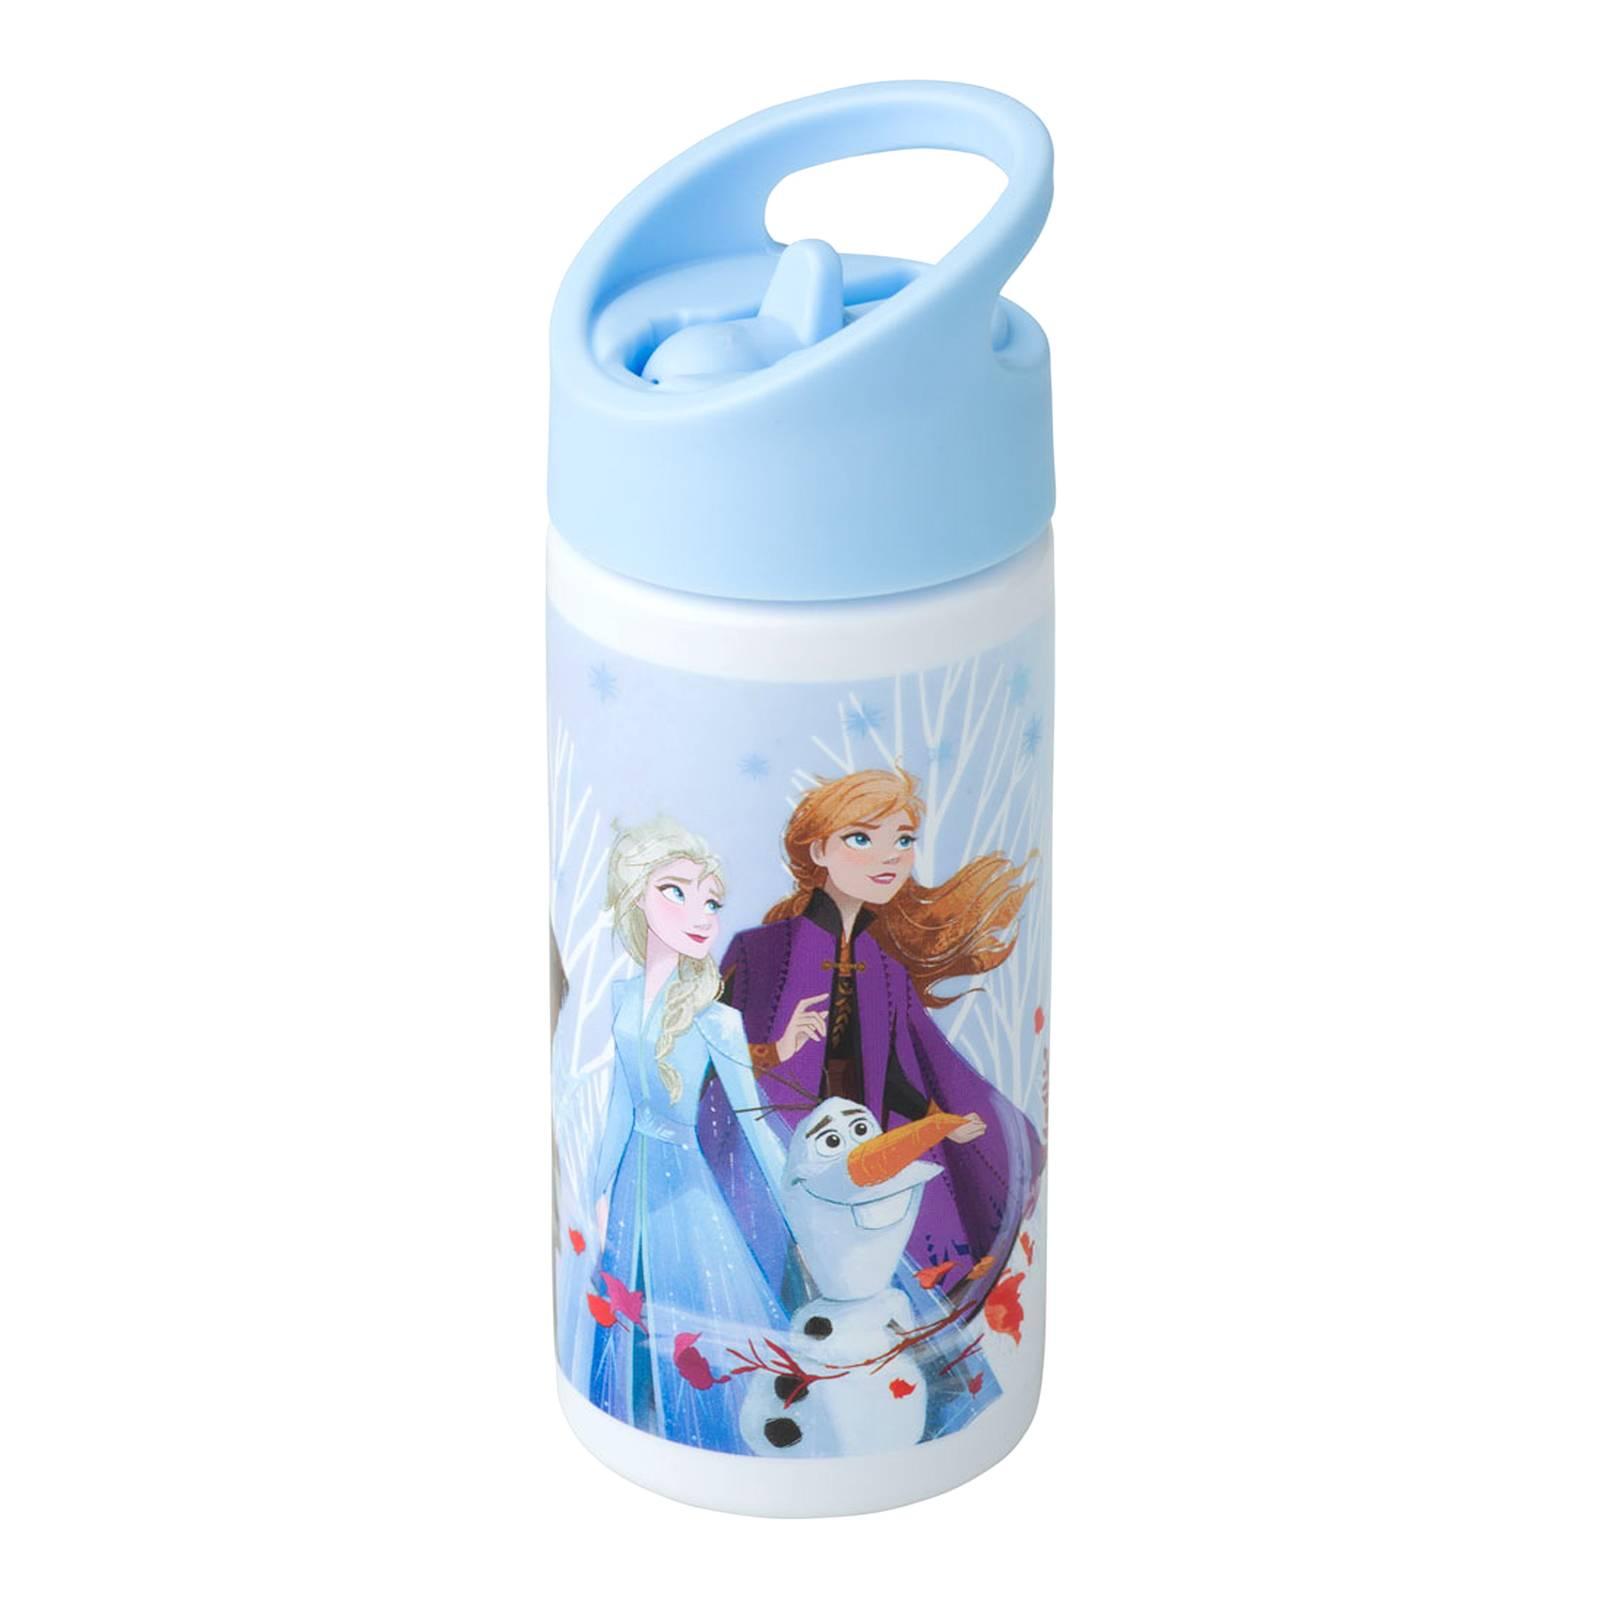 Water bottle wit straw Frozen II Blue 400 ml DISNEY